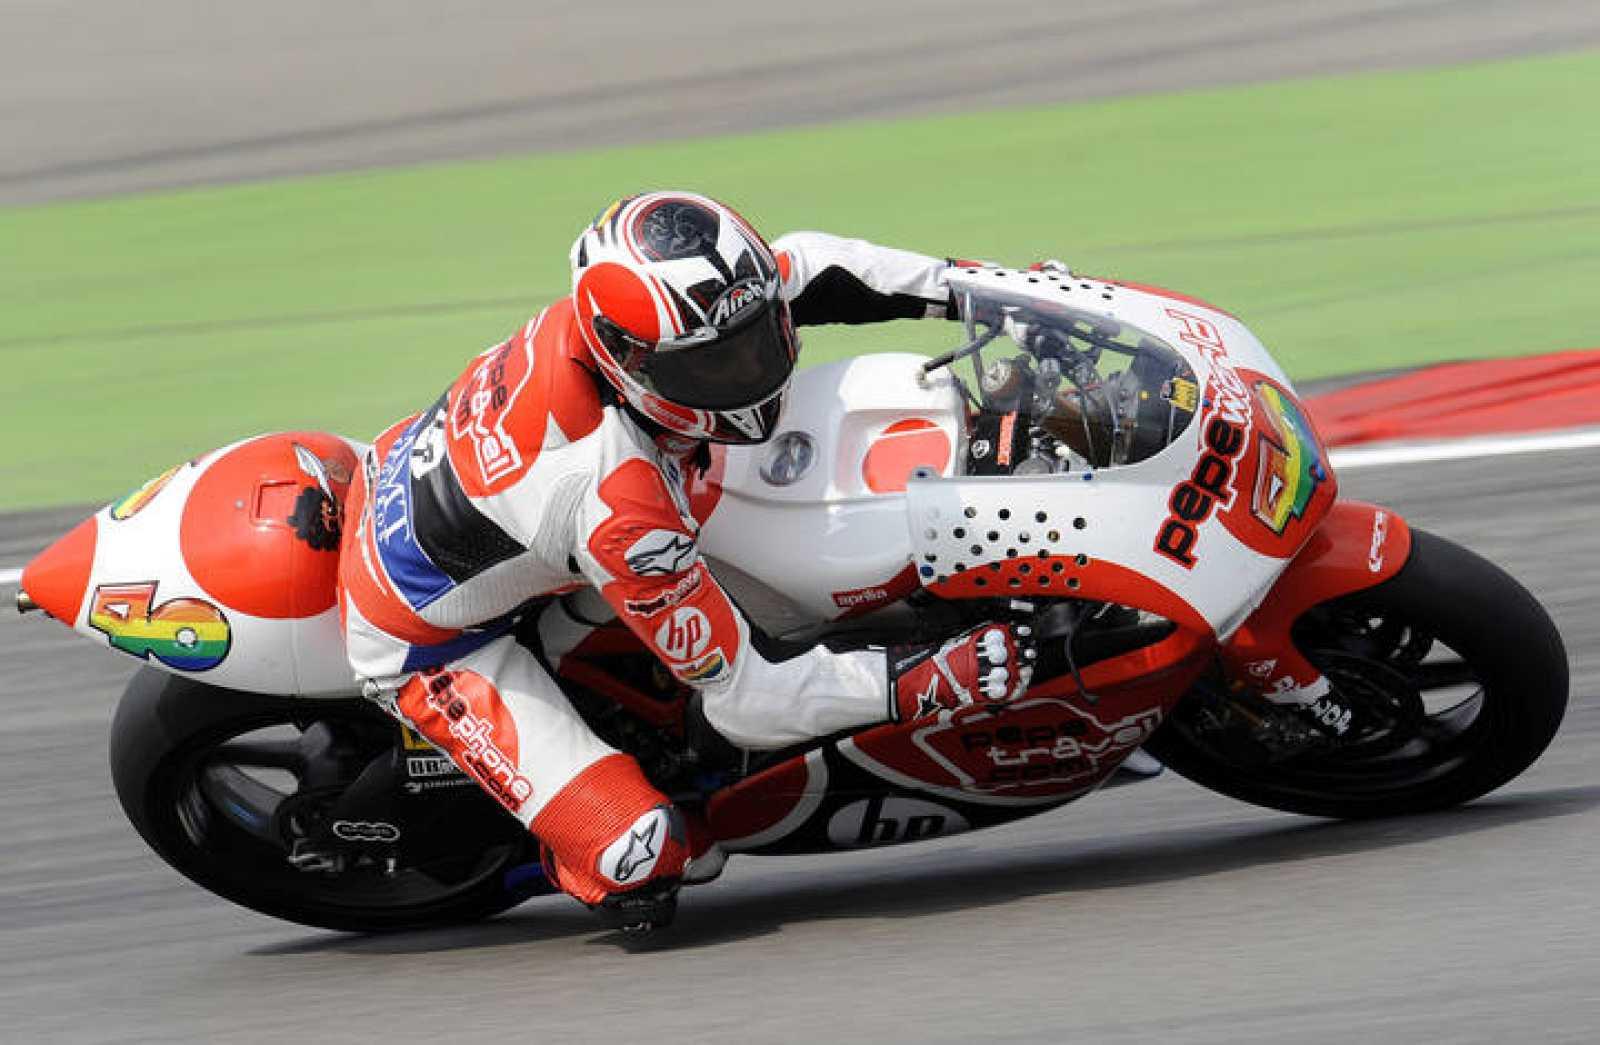 Baberá, pilotando su moto de 250cc, correrá a partir del año próximo en MotoGP